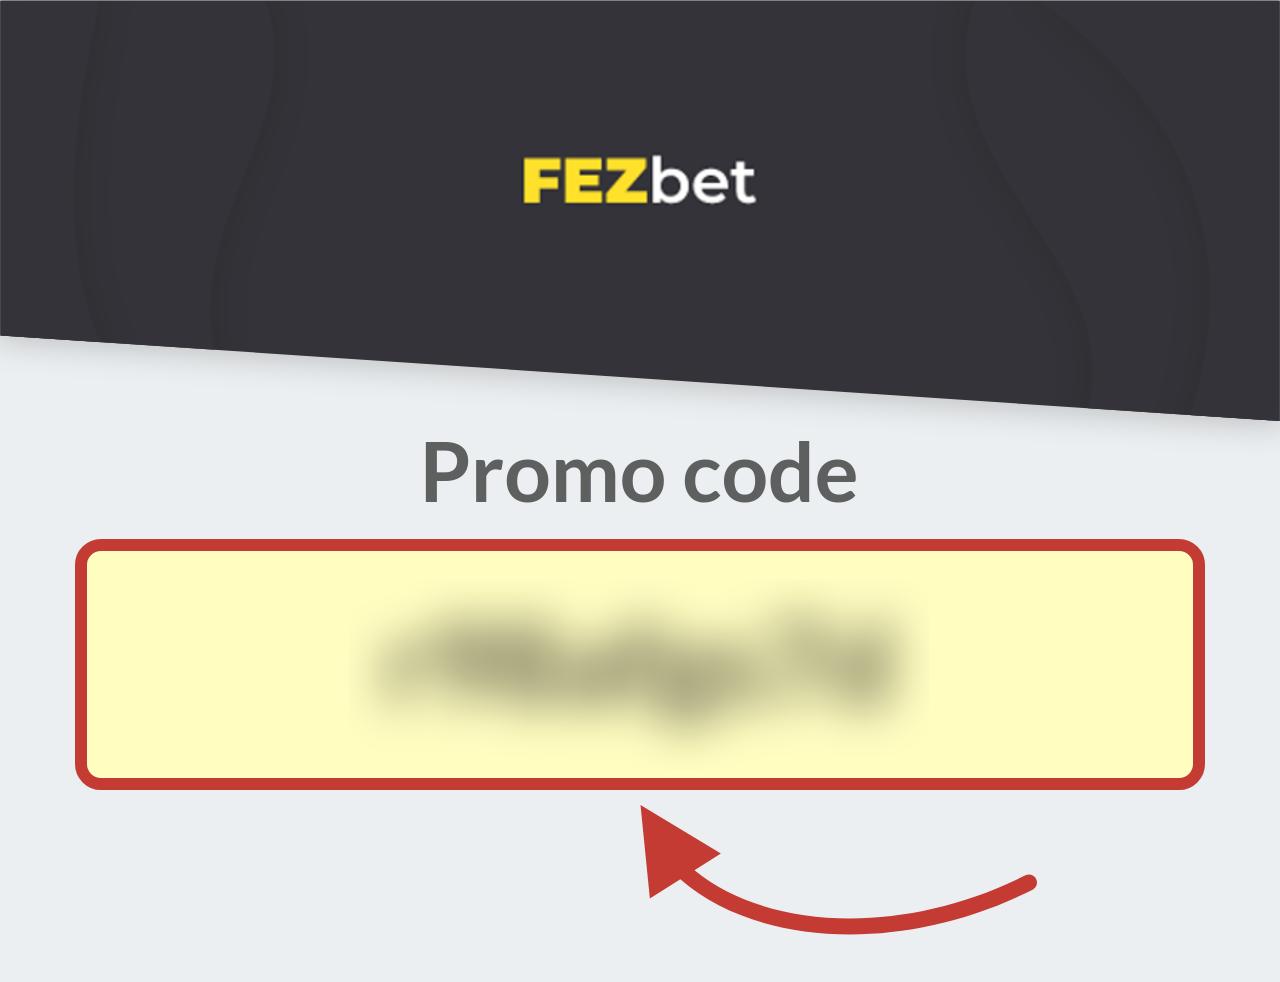 FEZbet Promo Code